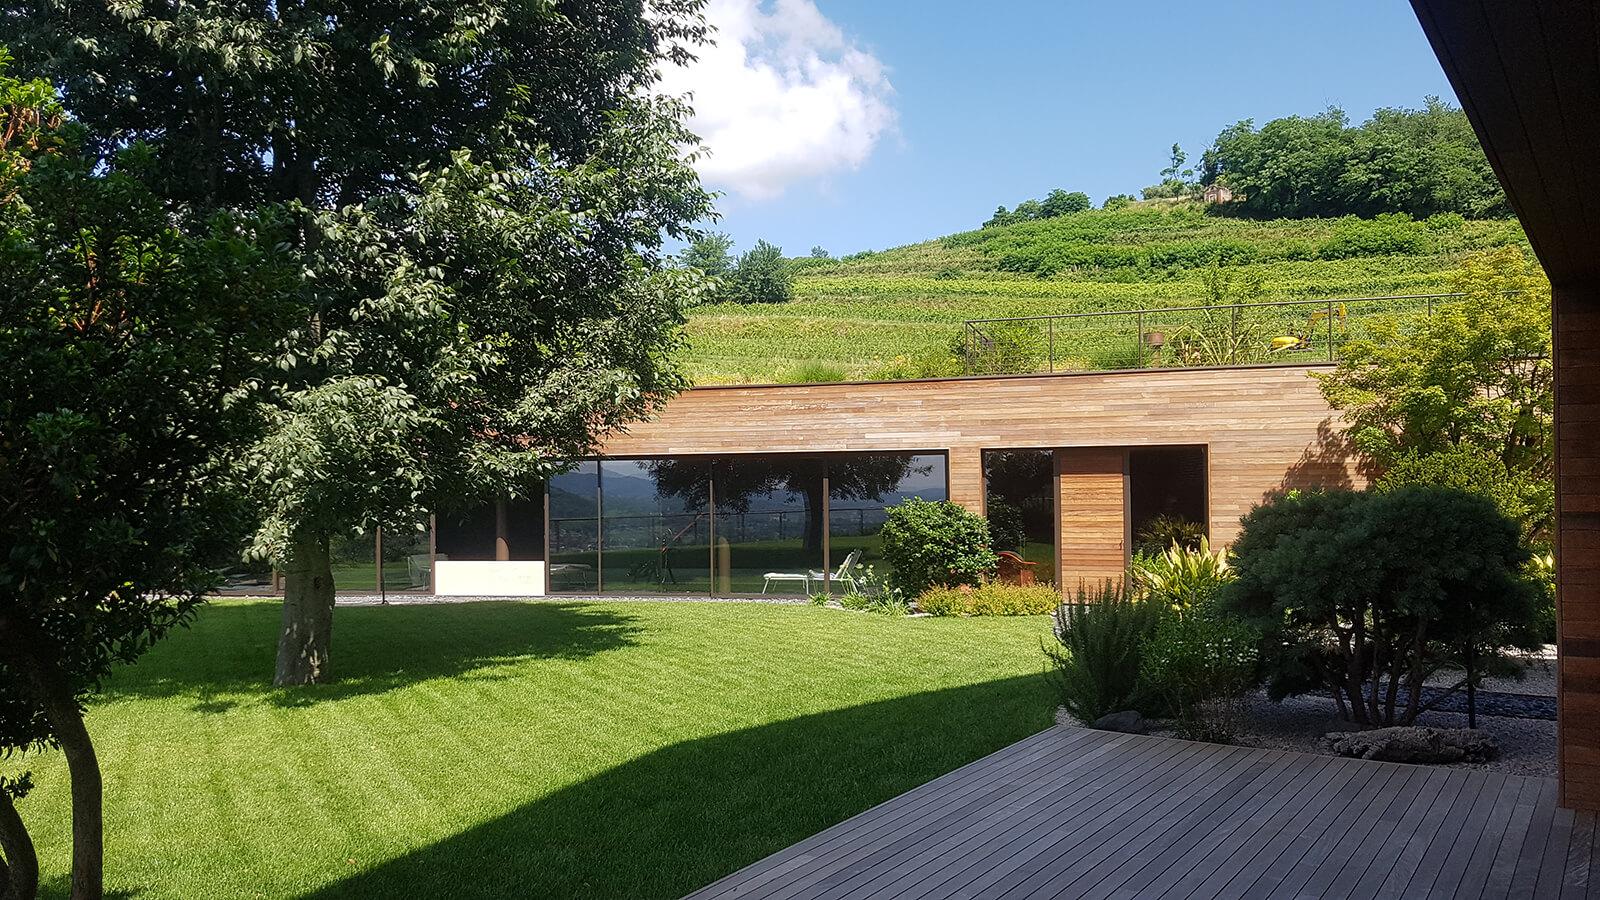 progettazione realizzazione giardini schio - verde blu giardini 6